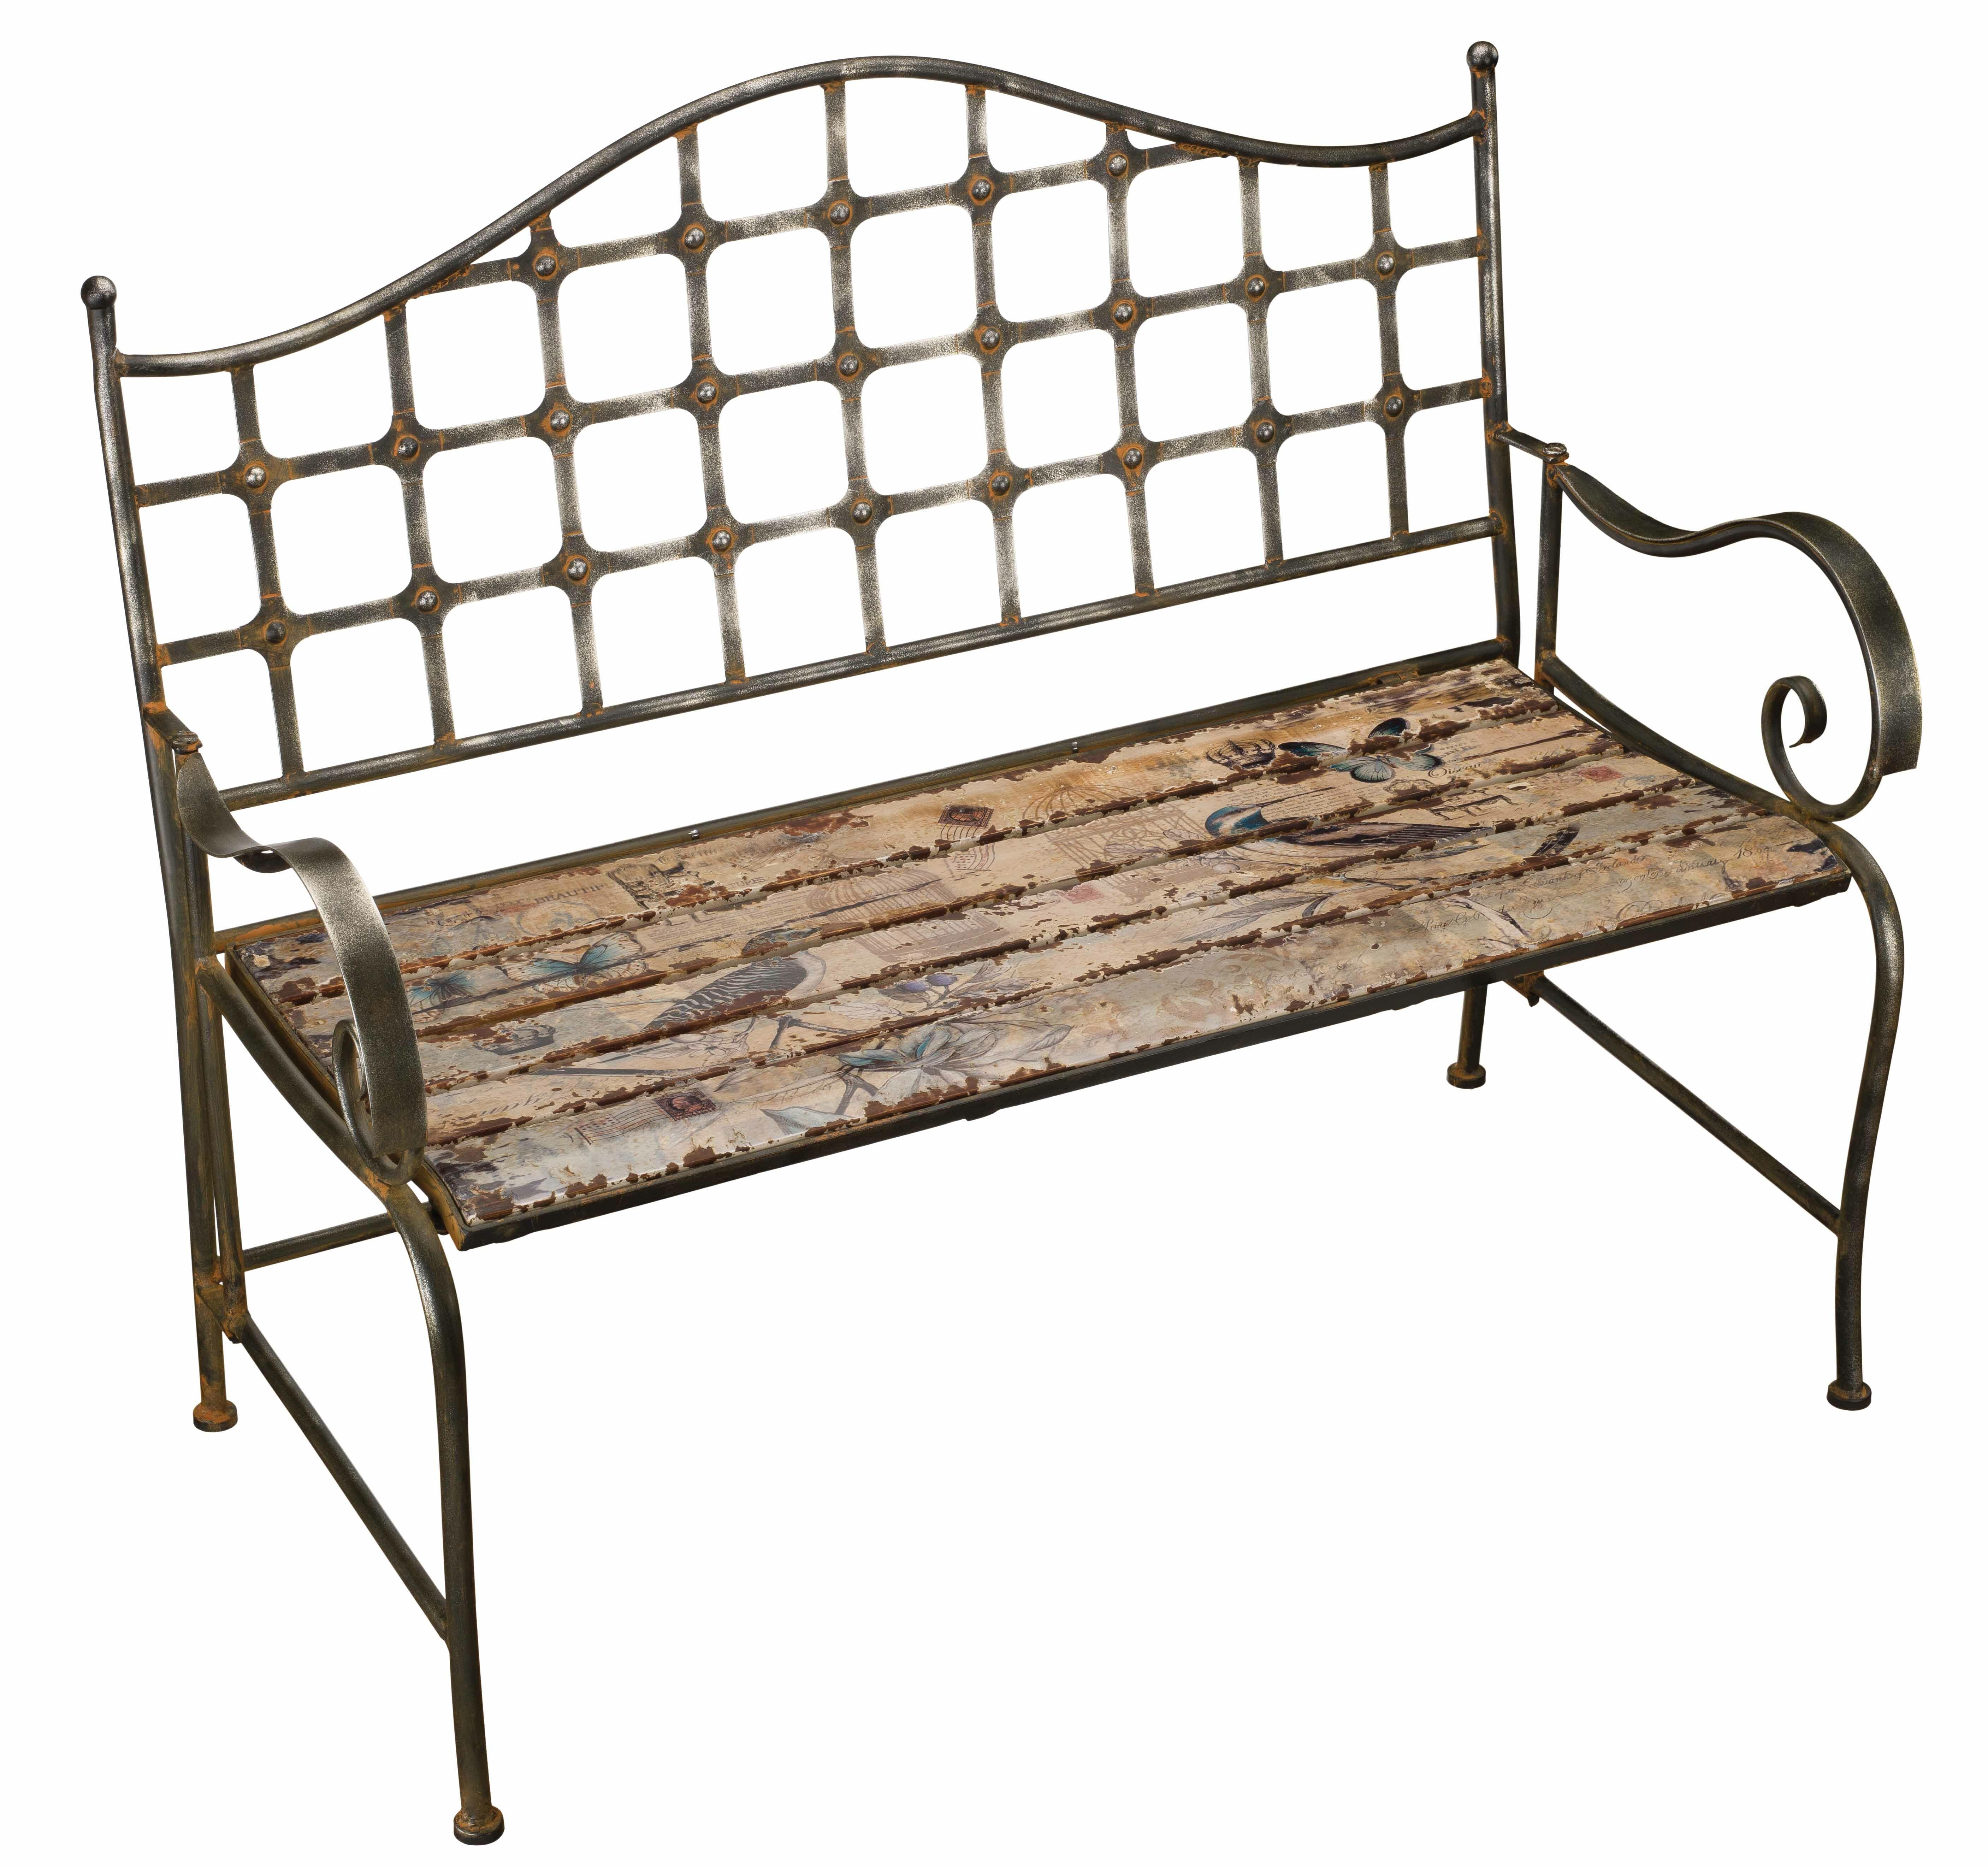 Fabulous Bird Wrought Iron Garden Bench Creativecarmelina Interior Chair Design Creativecarmelinacom